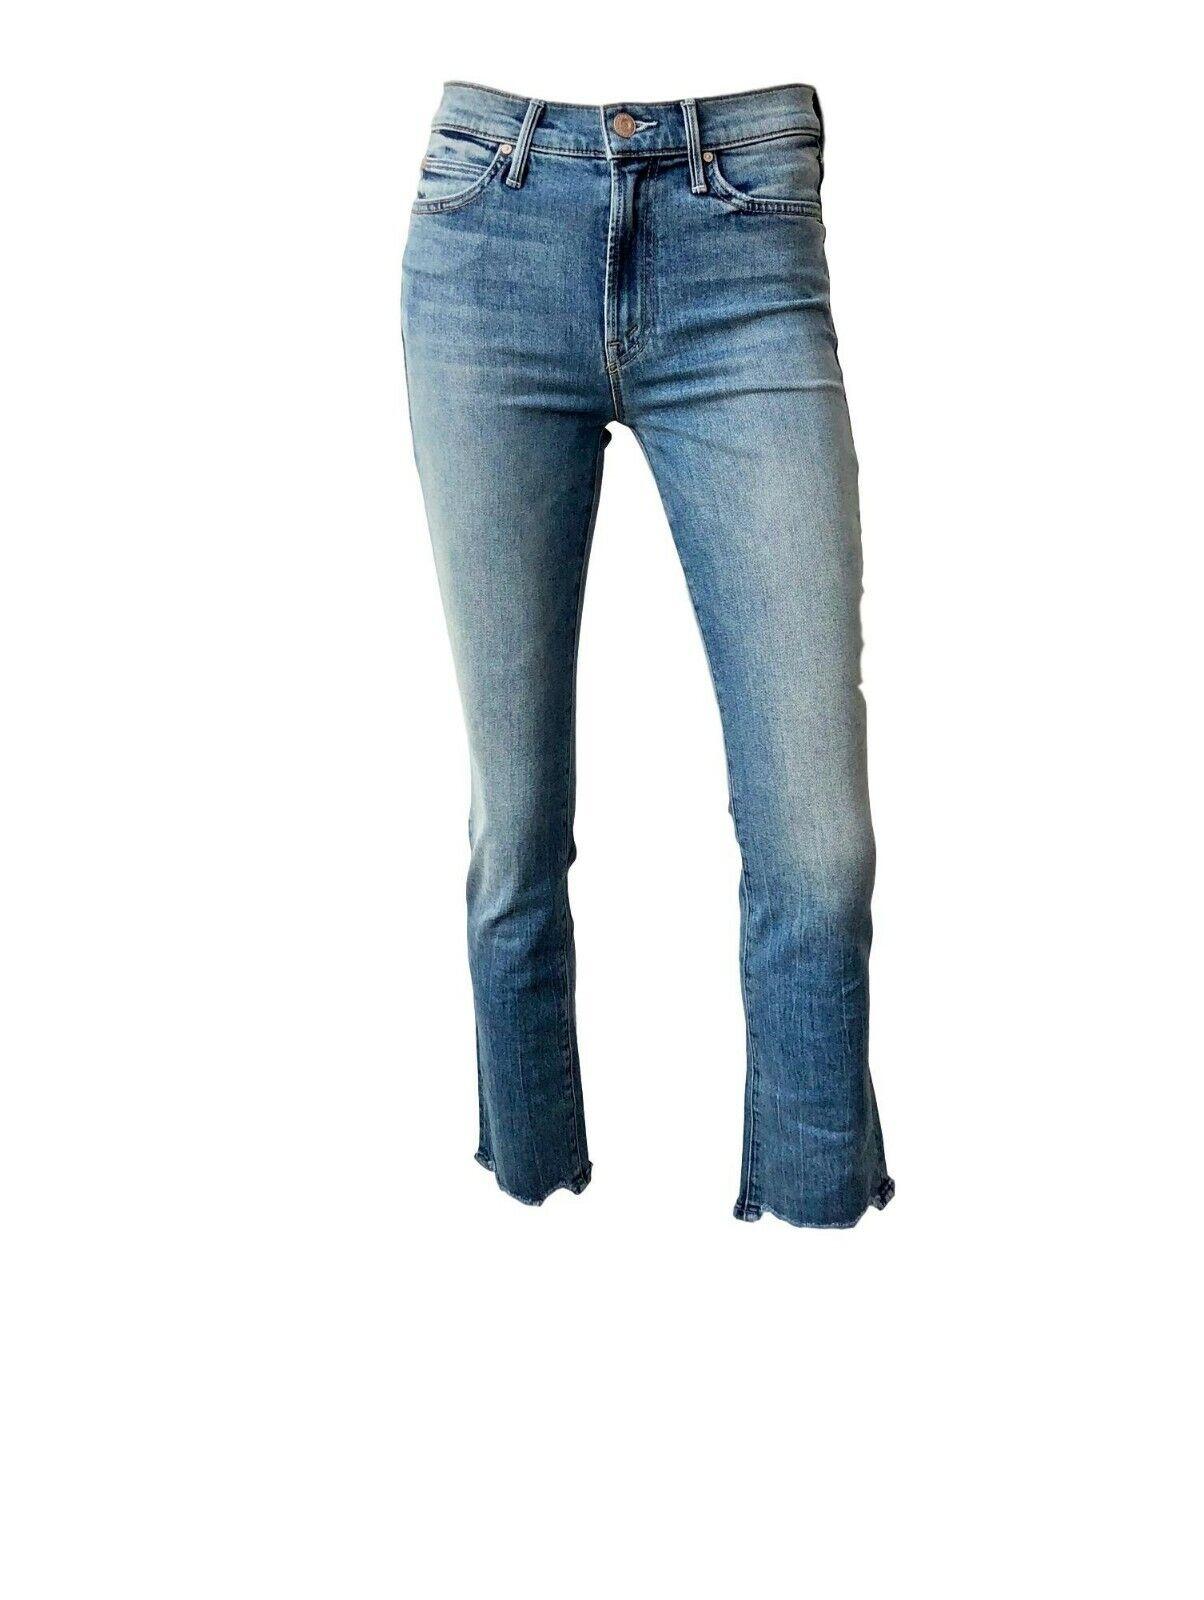 Mother Denim  Rascal Tobillo Jeans Talla 30 Azul Claro Recto Flaca Delgada  barato y de moda